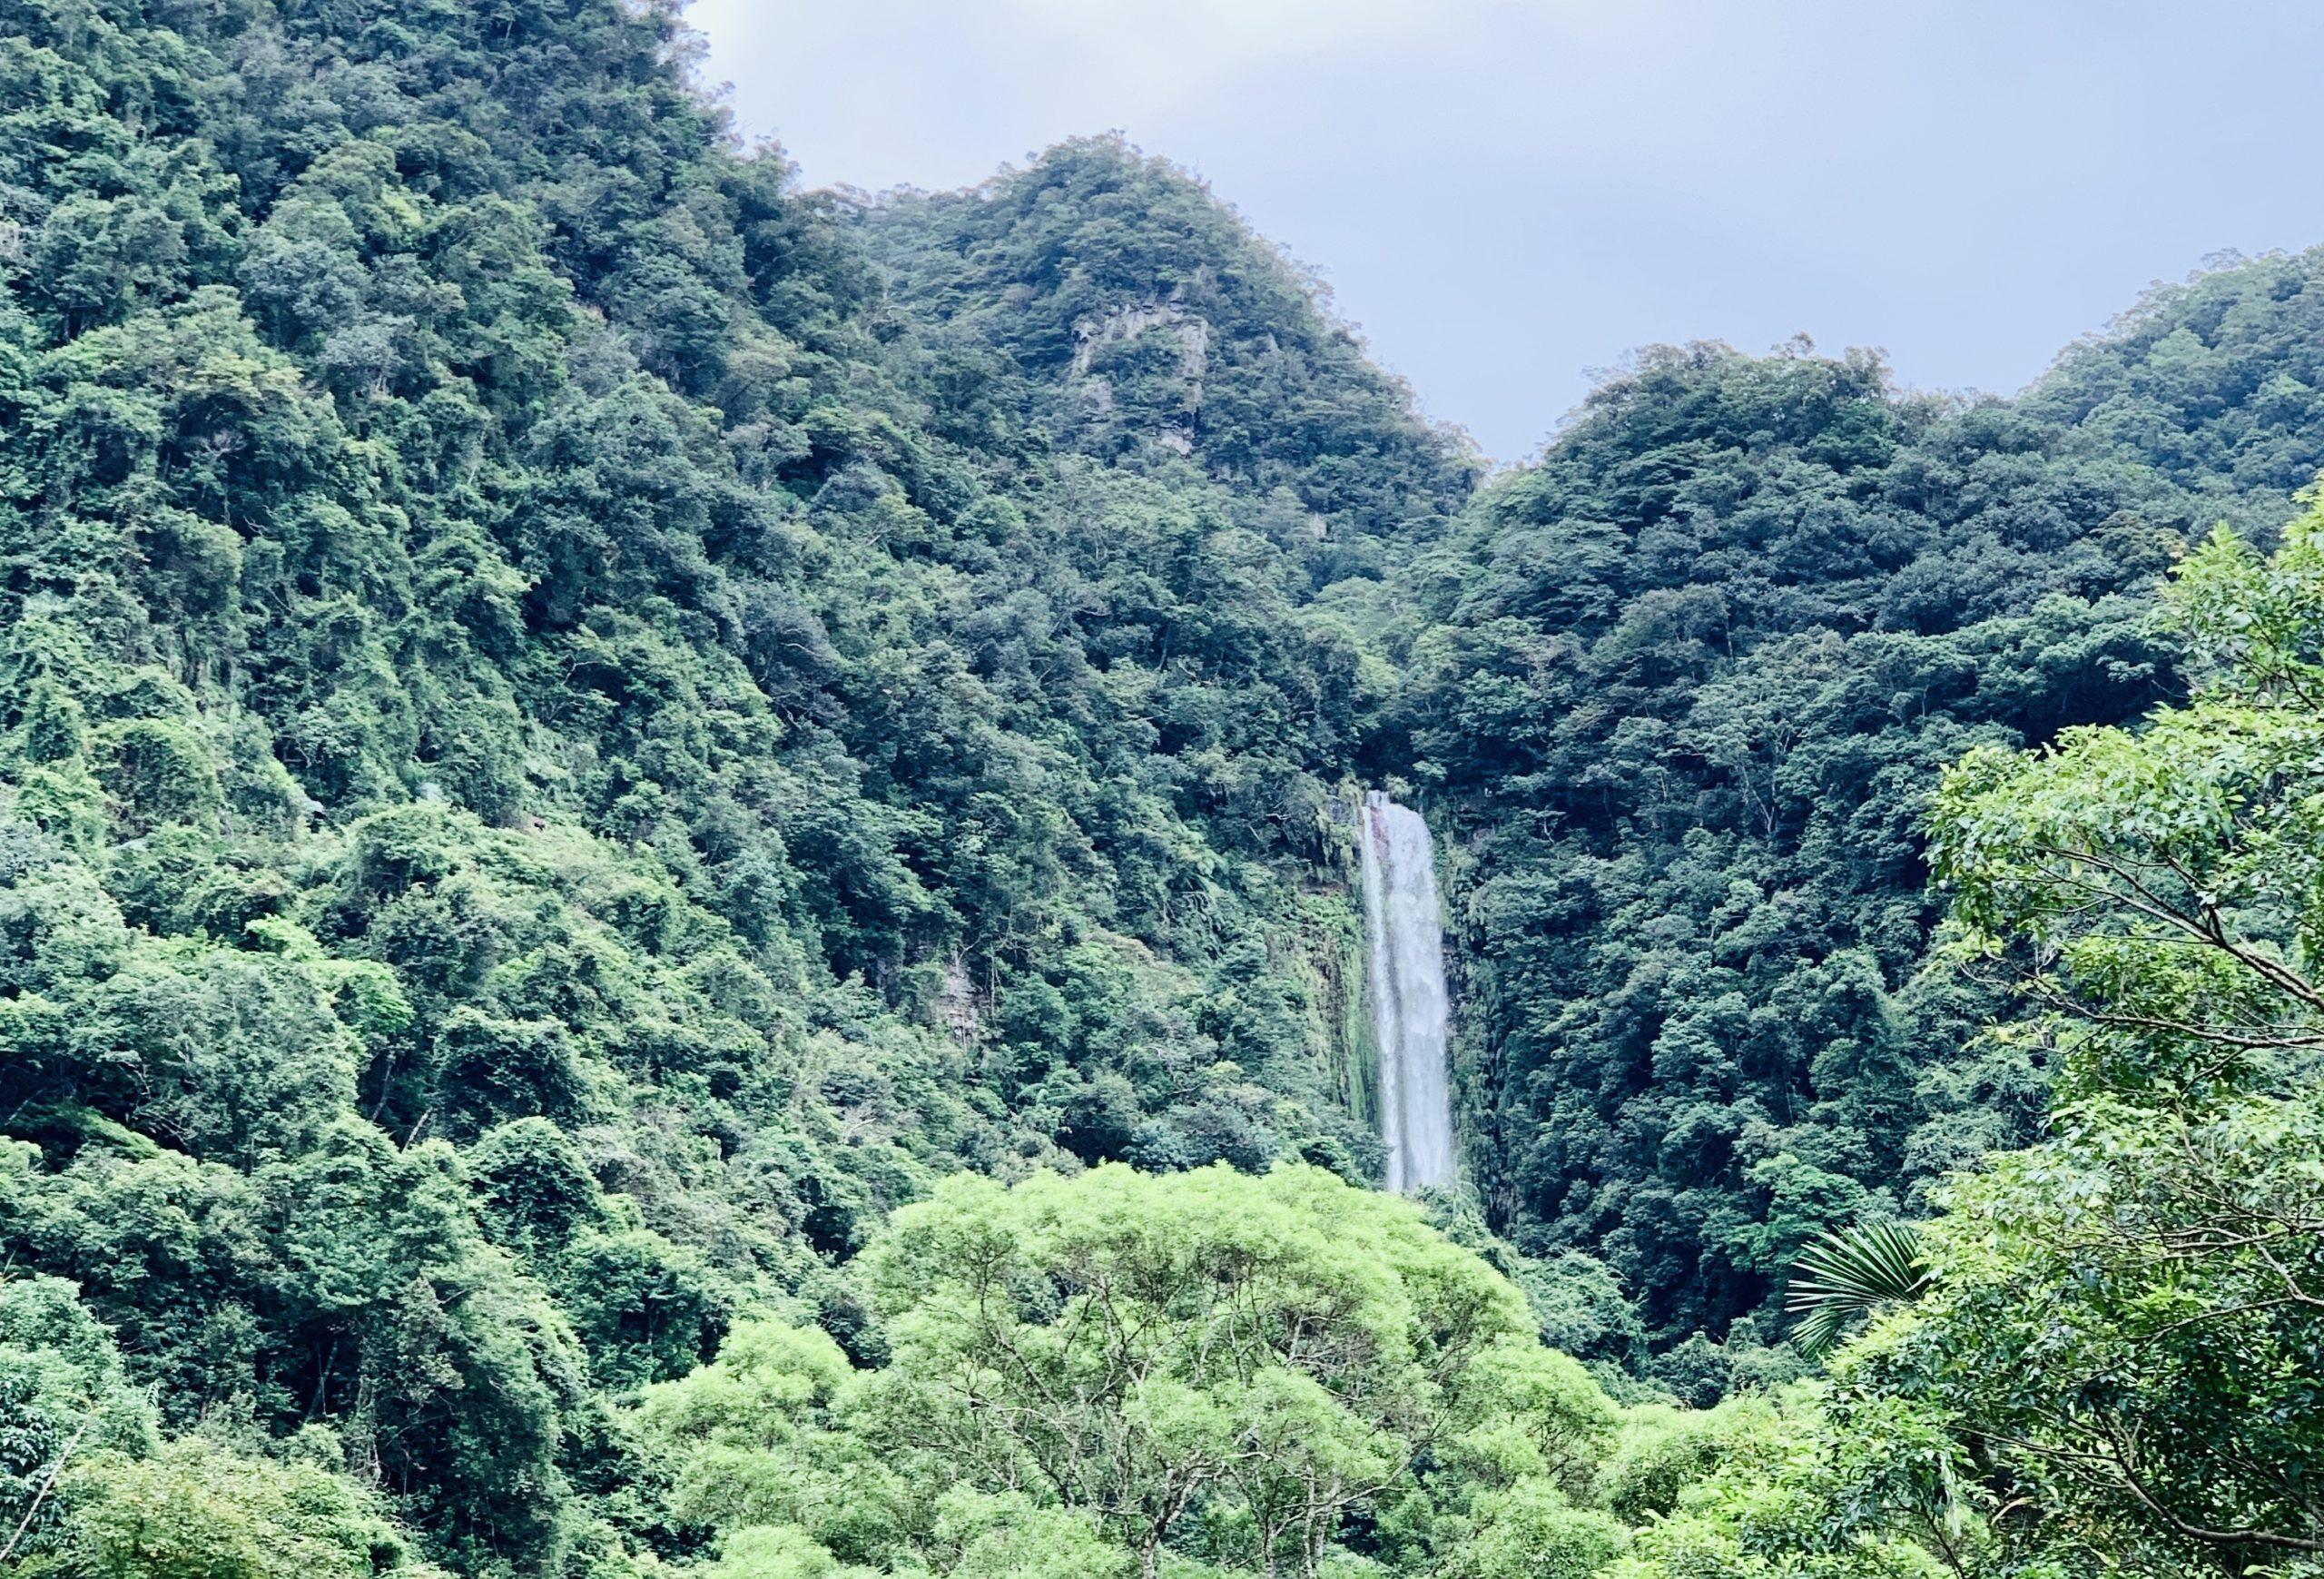 宜蘭礁溪鄉|抹茶山健行|五峰旗聖母峰 海鮮炭烤吃到飽 2日自由行